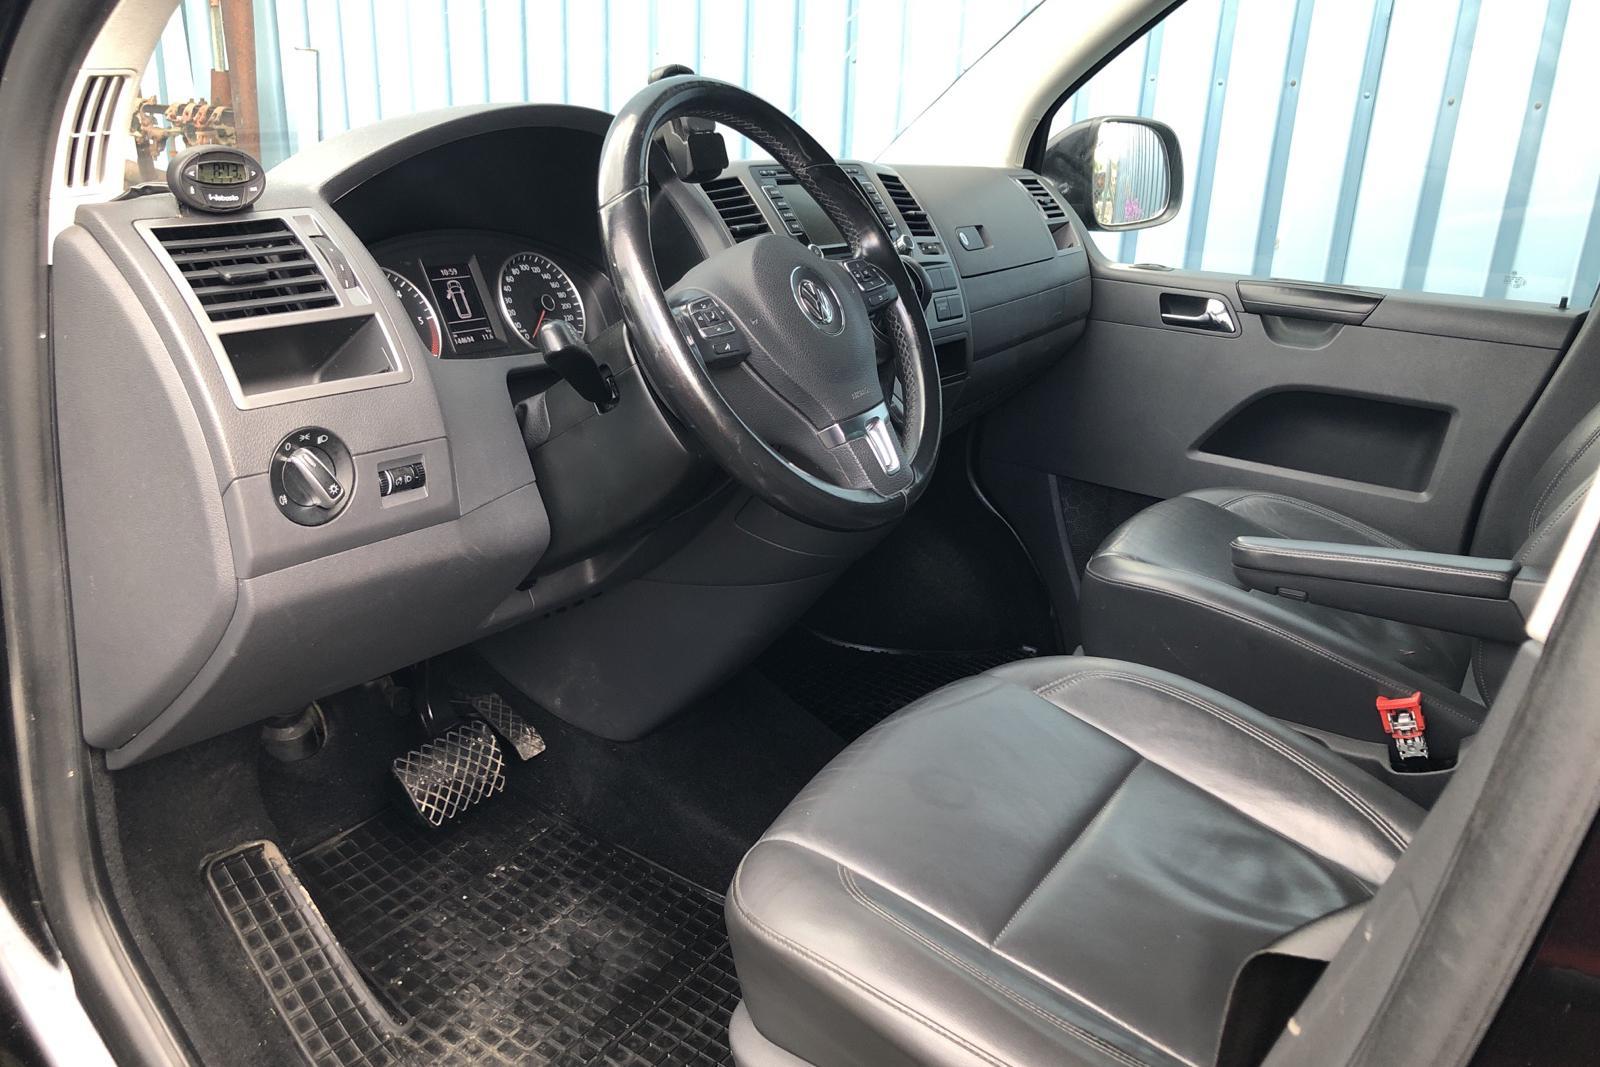 VW Caravelle T5 2.0 TDI (180hk) - 144 690 km - Automatic - black - 2014